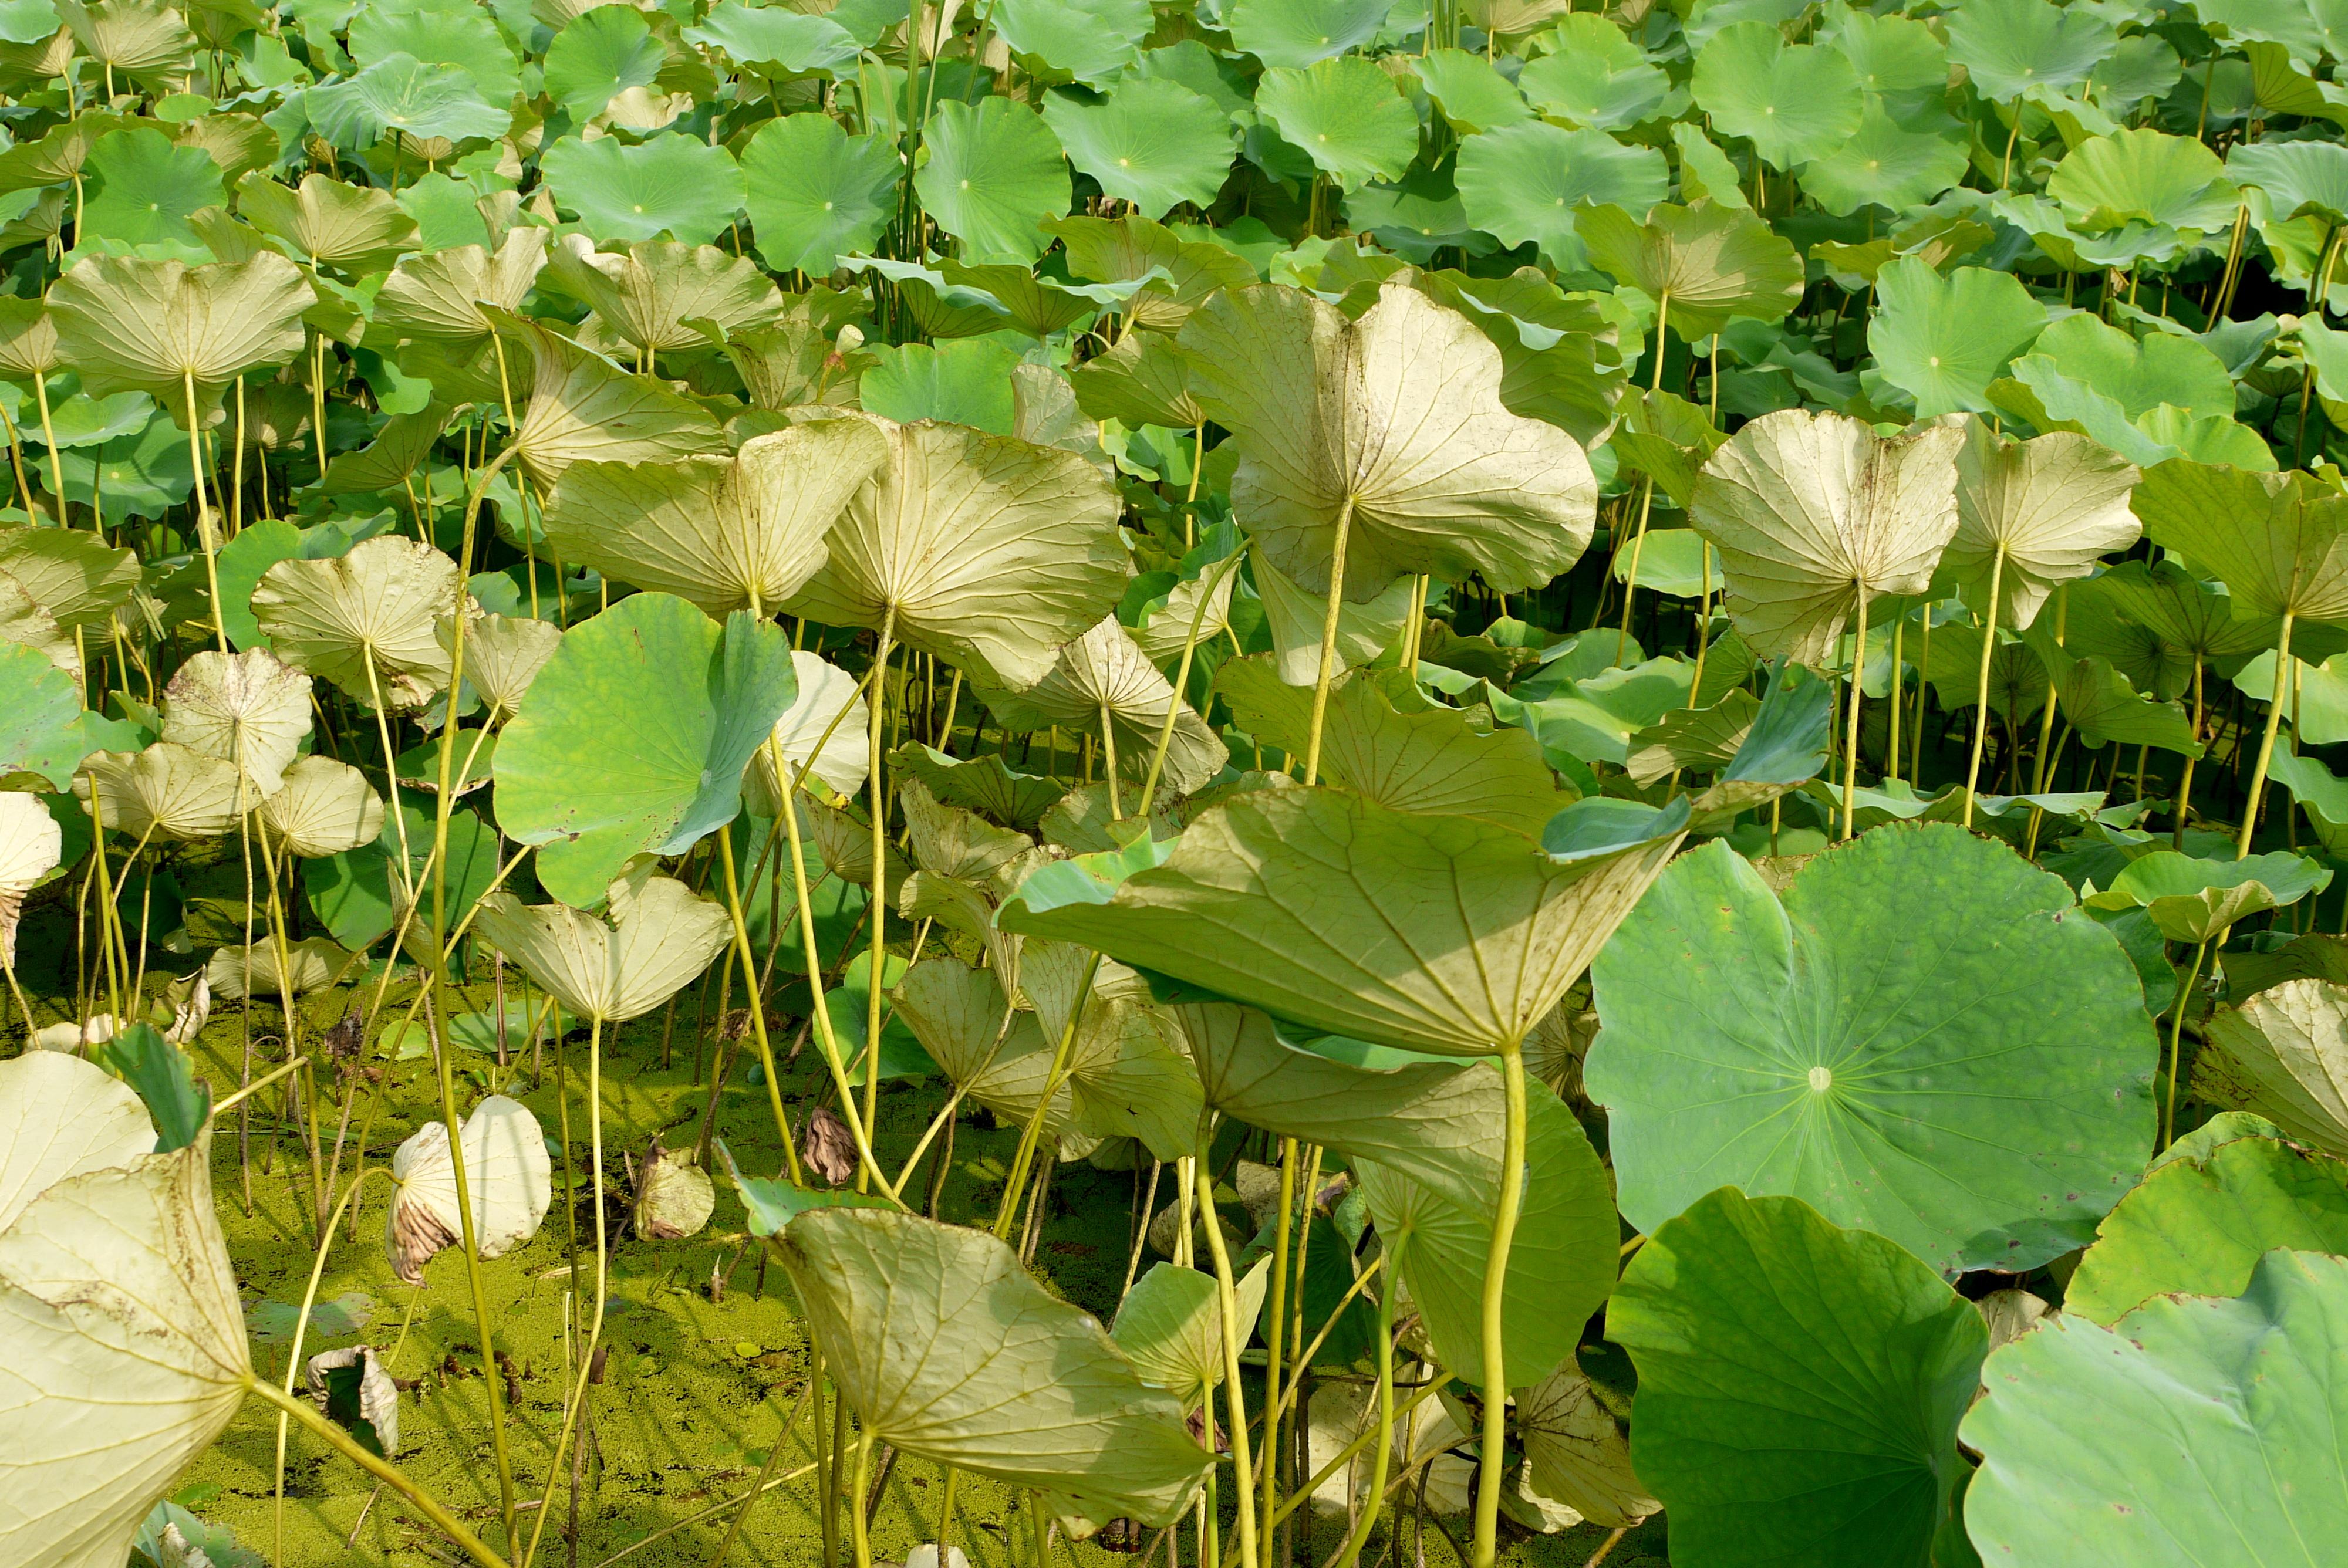 연못에 핀 연잎과 연꽃